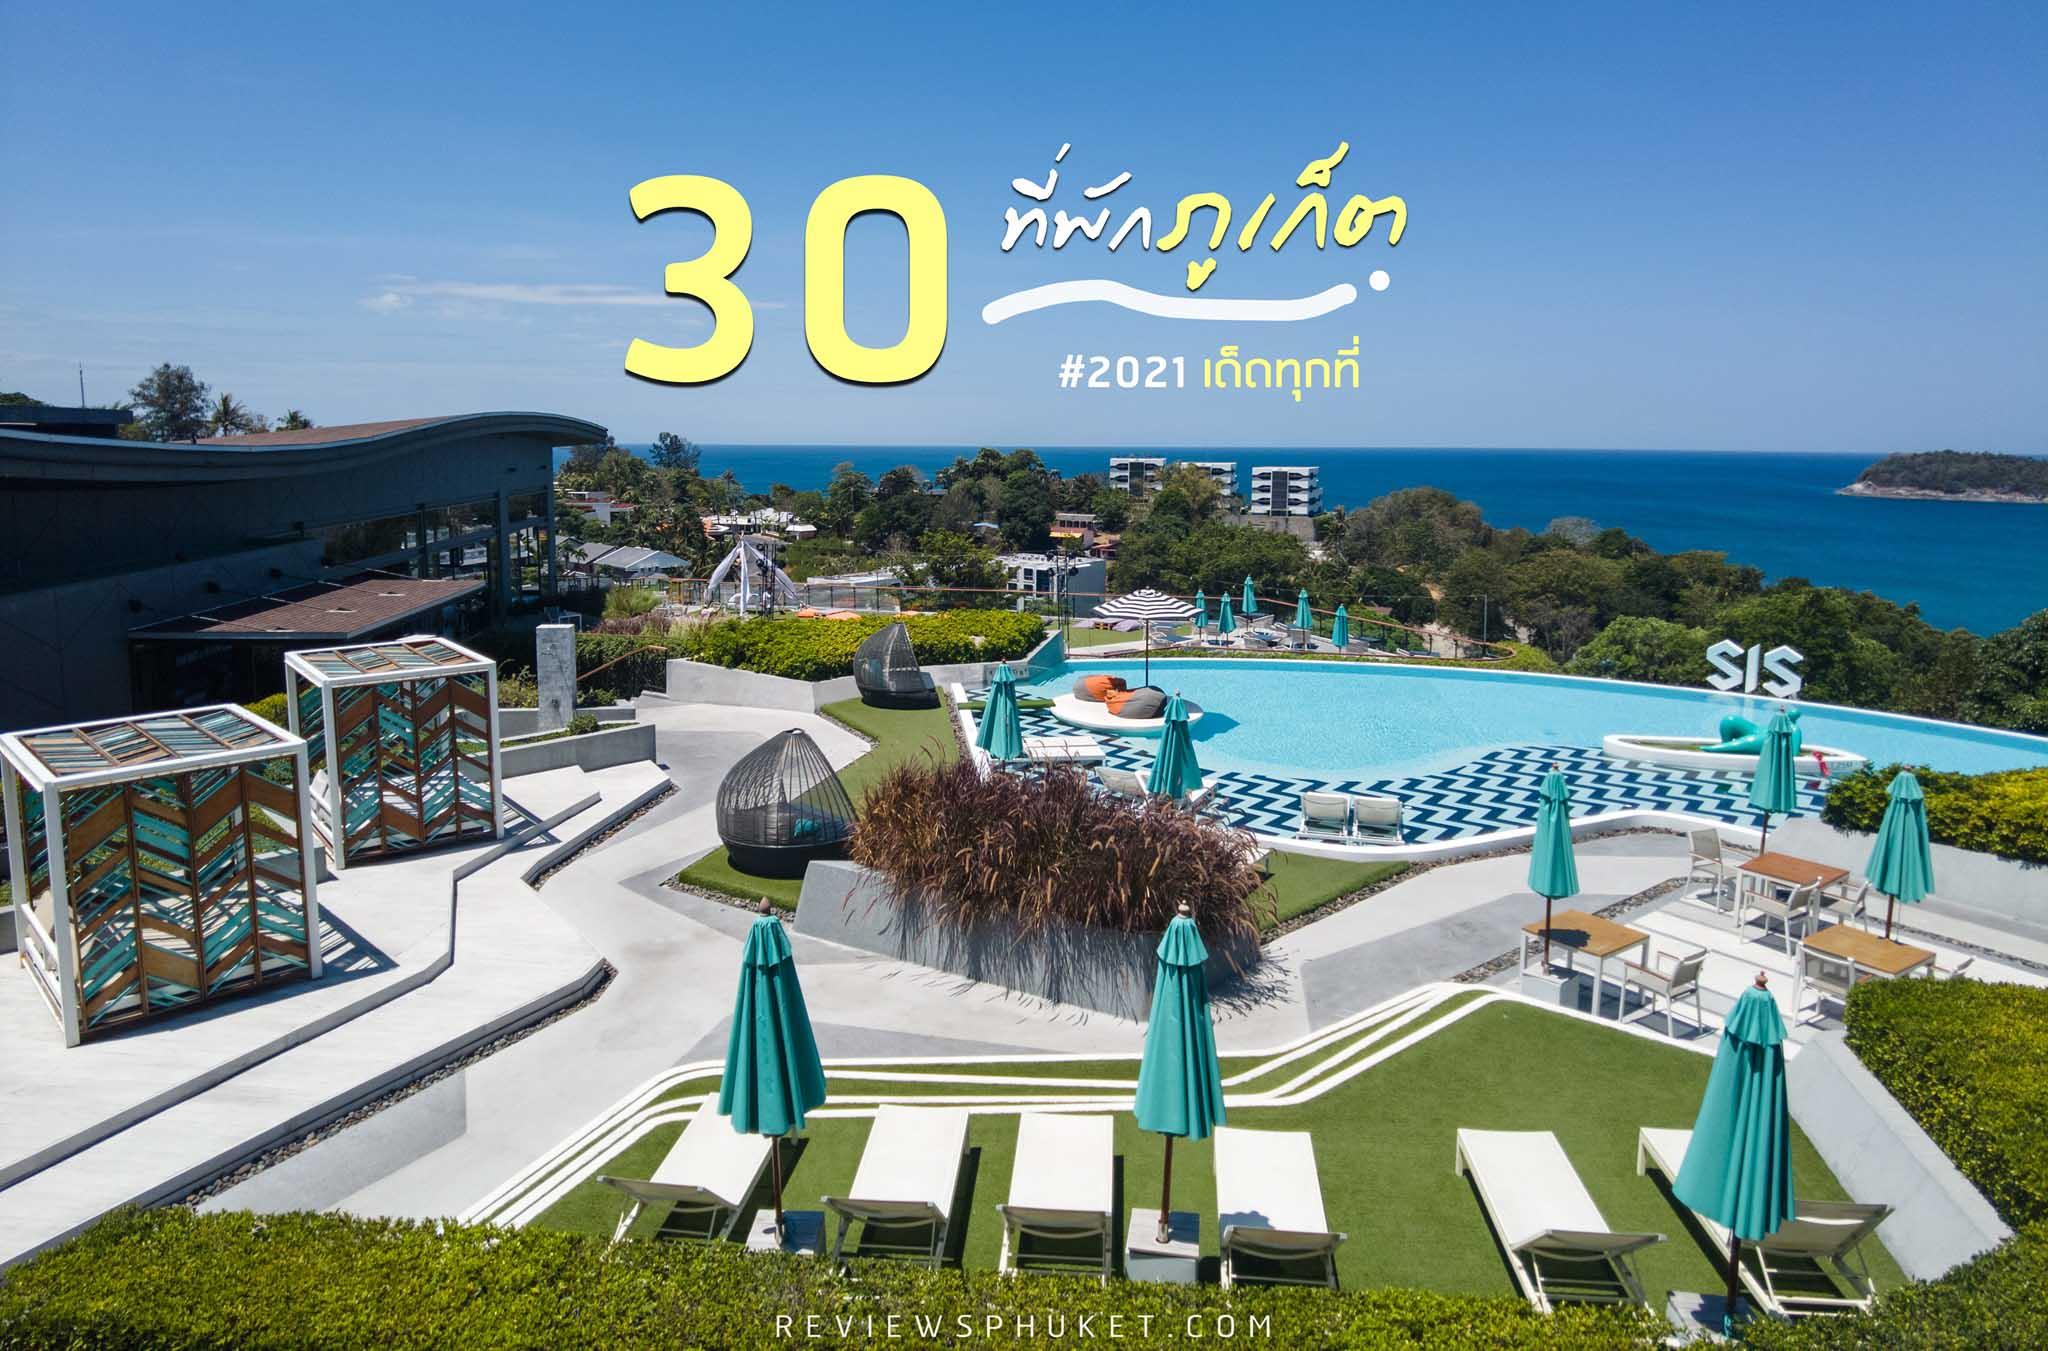 30 ที่พักภูเก็ต 2021 ติดทะเลวิวหลักล้าน ธรรมชาติ  หาดสวยน้ำใส ใกล้คาเฟ่